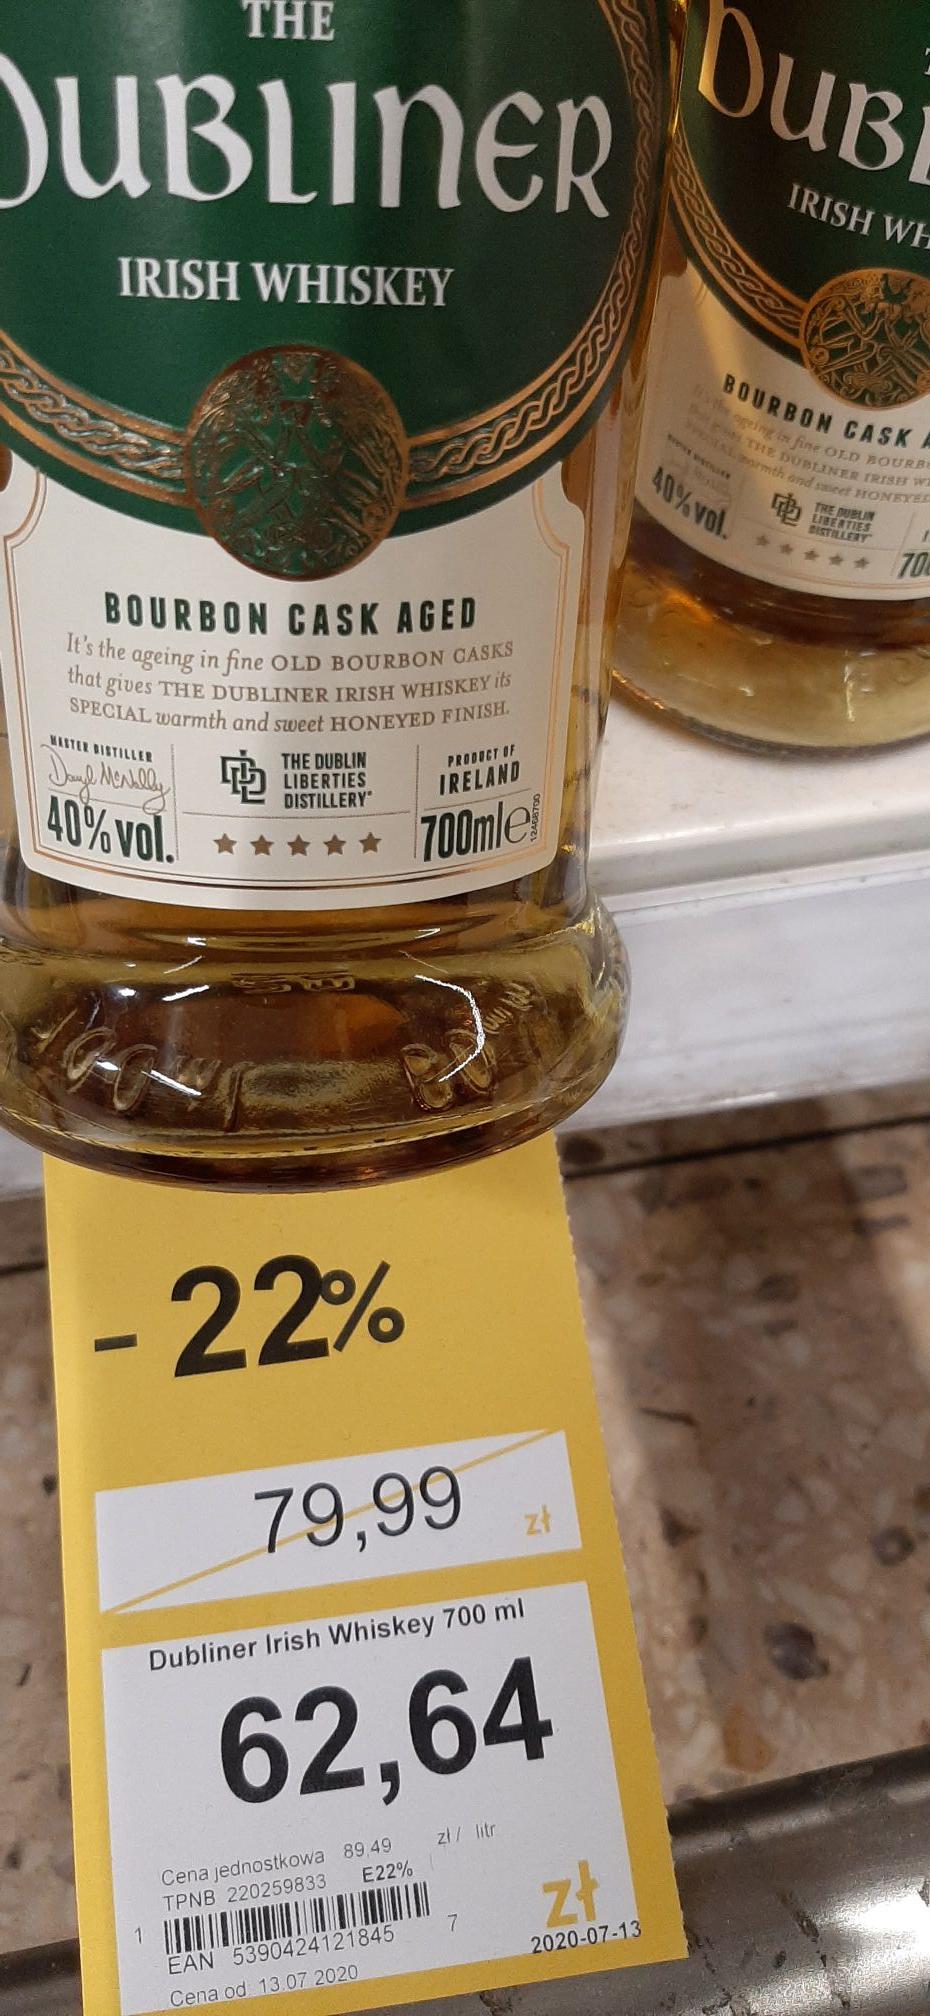 THE DUBLINER IRISH WHISKEY BOURBON CASK AGED 0,7L / Tesco (ogólnopolska)